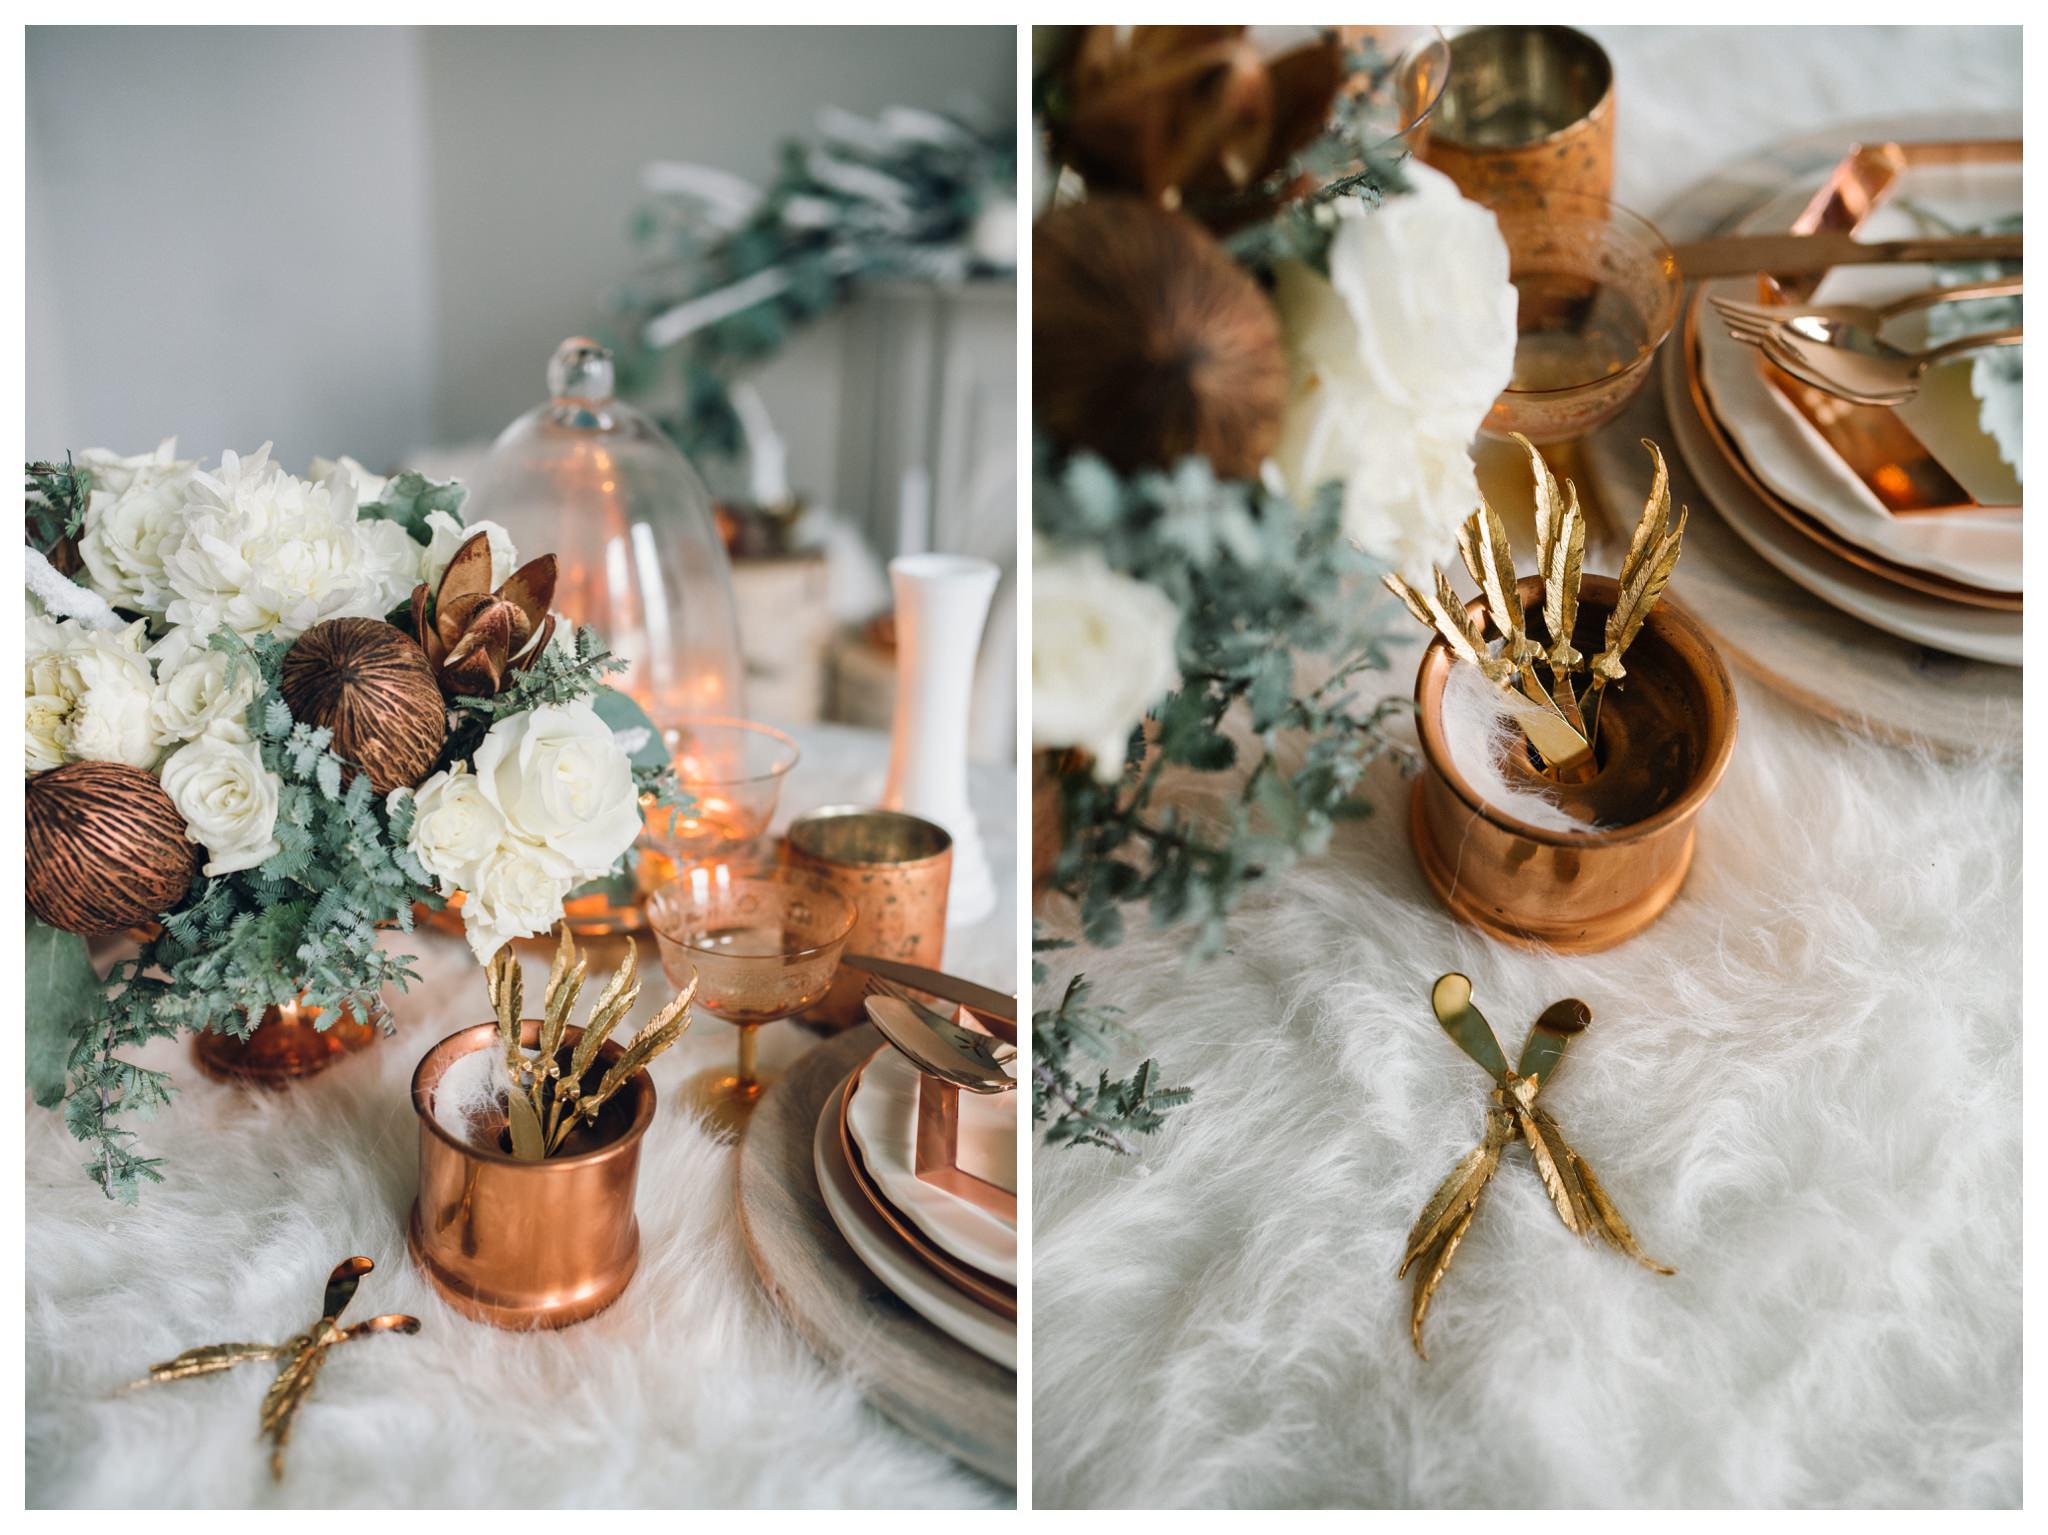 Wedding_Inspiration_Copper_SanDiego_Luxe_0061.jpg